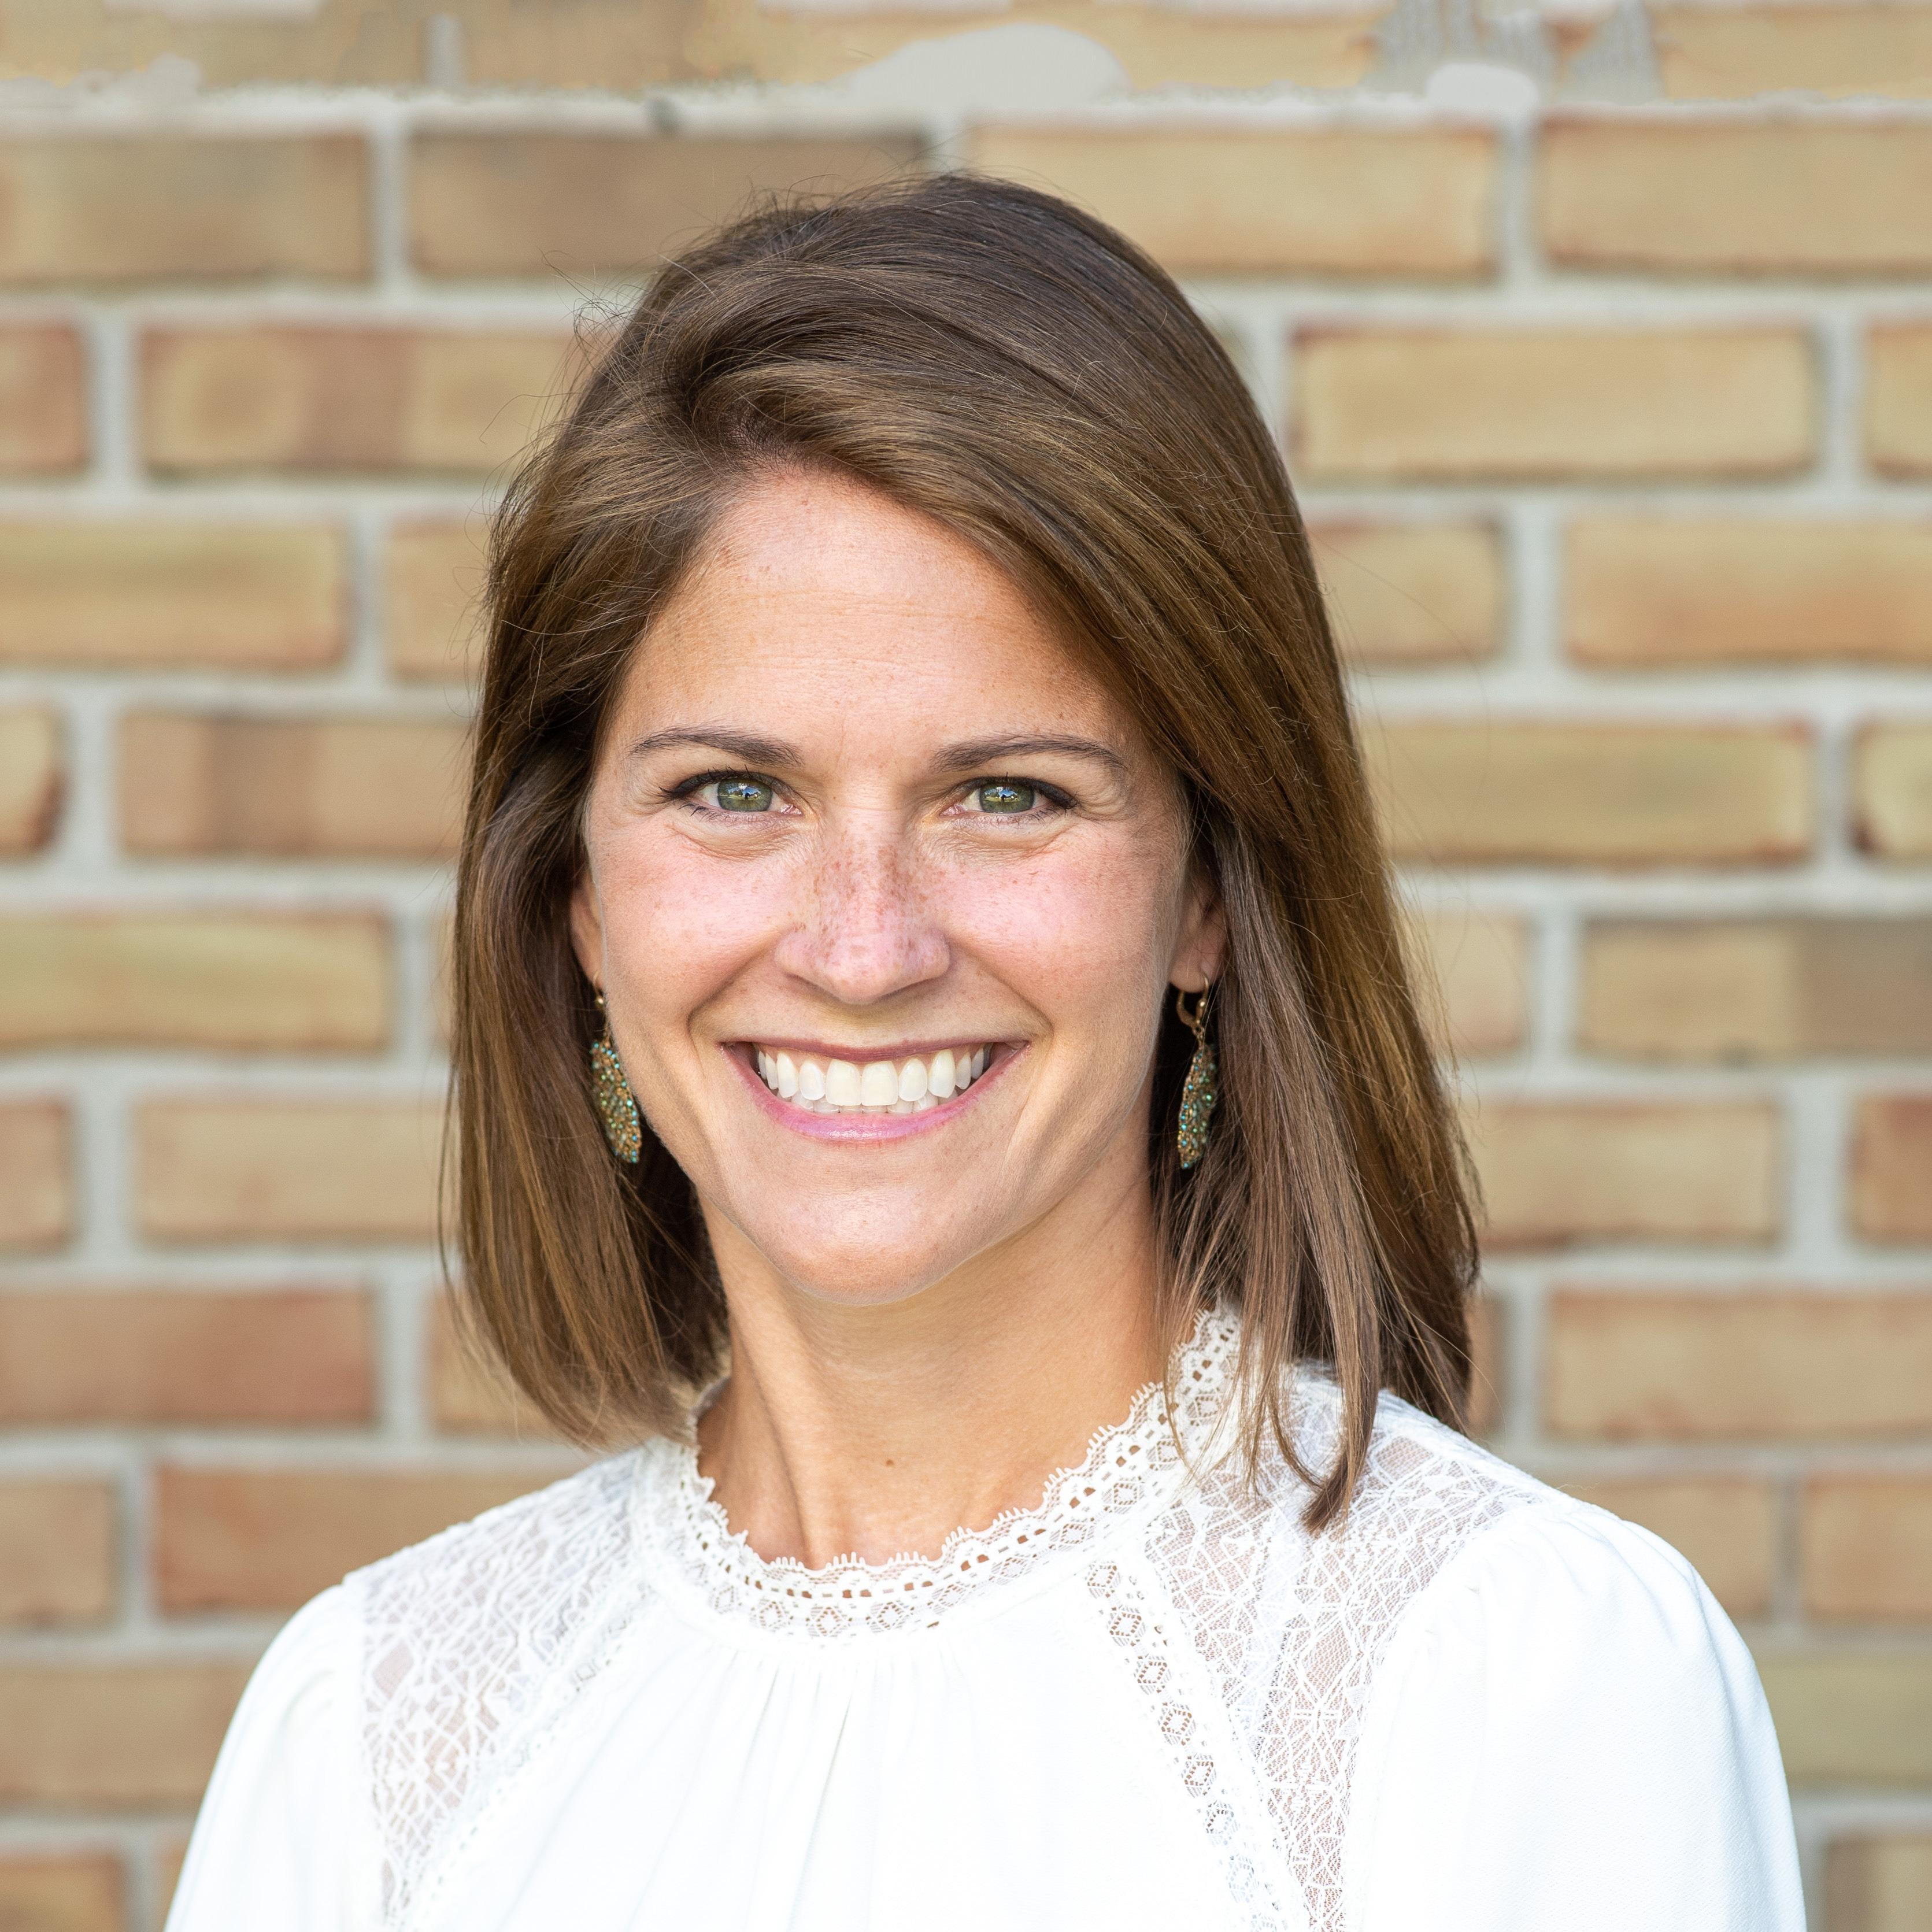 Dr. Jessica C. Massie